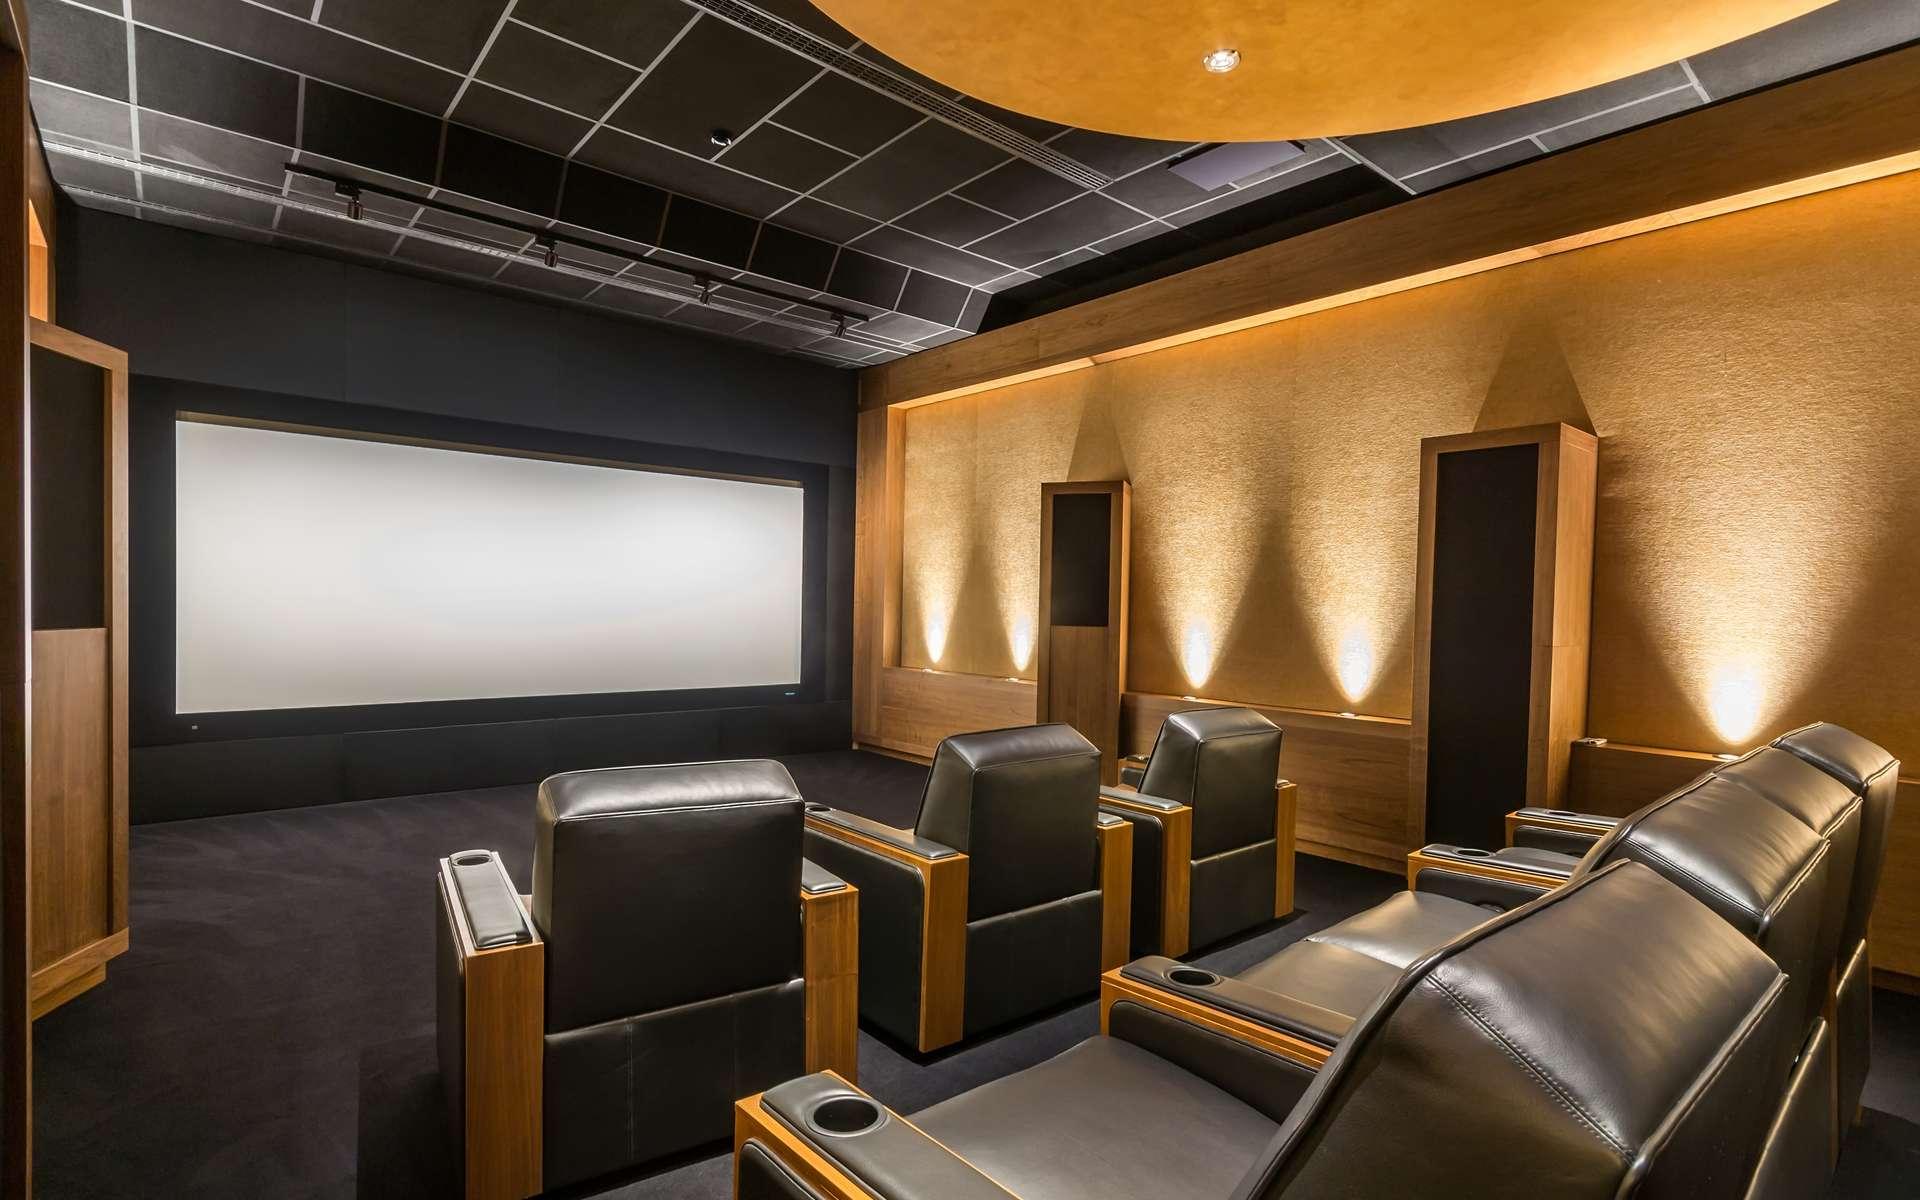 Recréer le son cinéma chez soi. © alhim, Adobe Stock